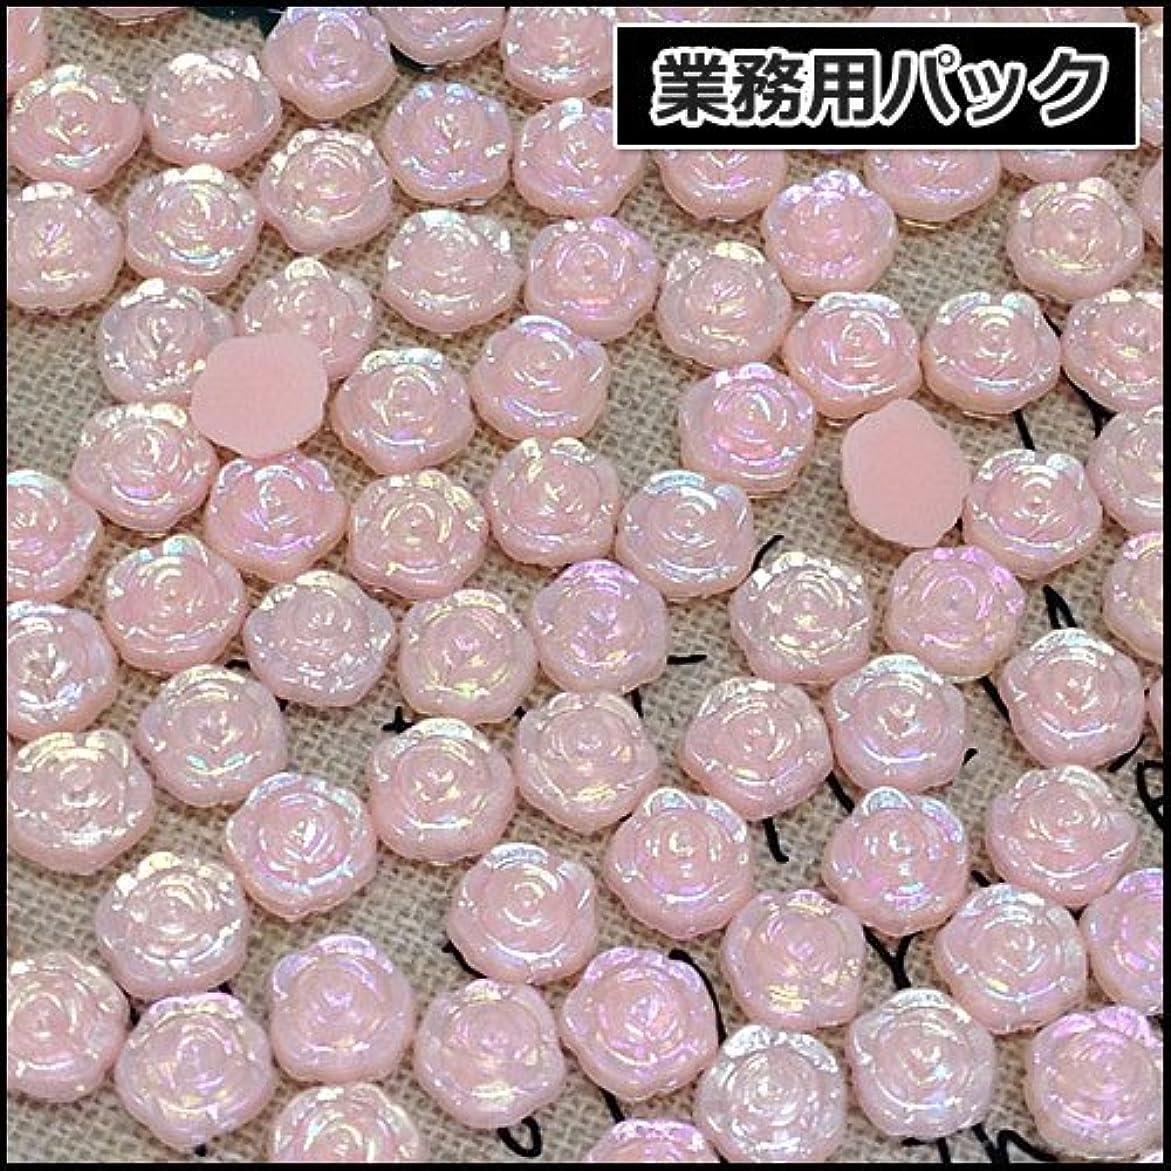 パブ高音持ってる【業務用】パール調ミニ薔薇7mm「ピーチピンク」50個入り